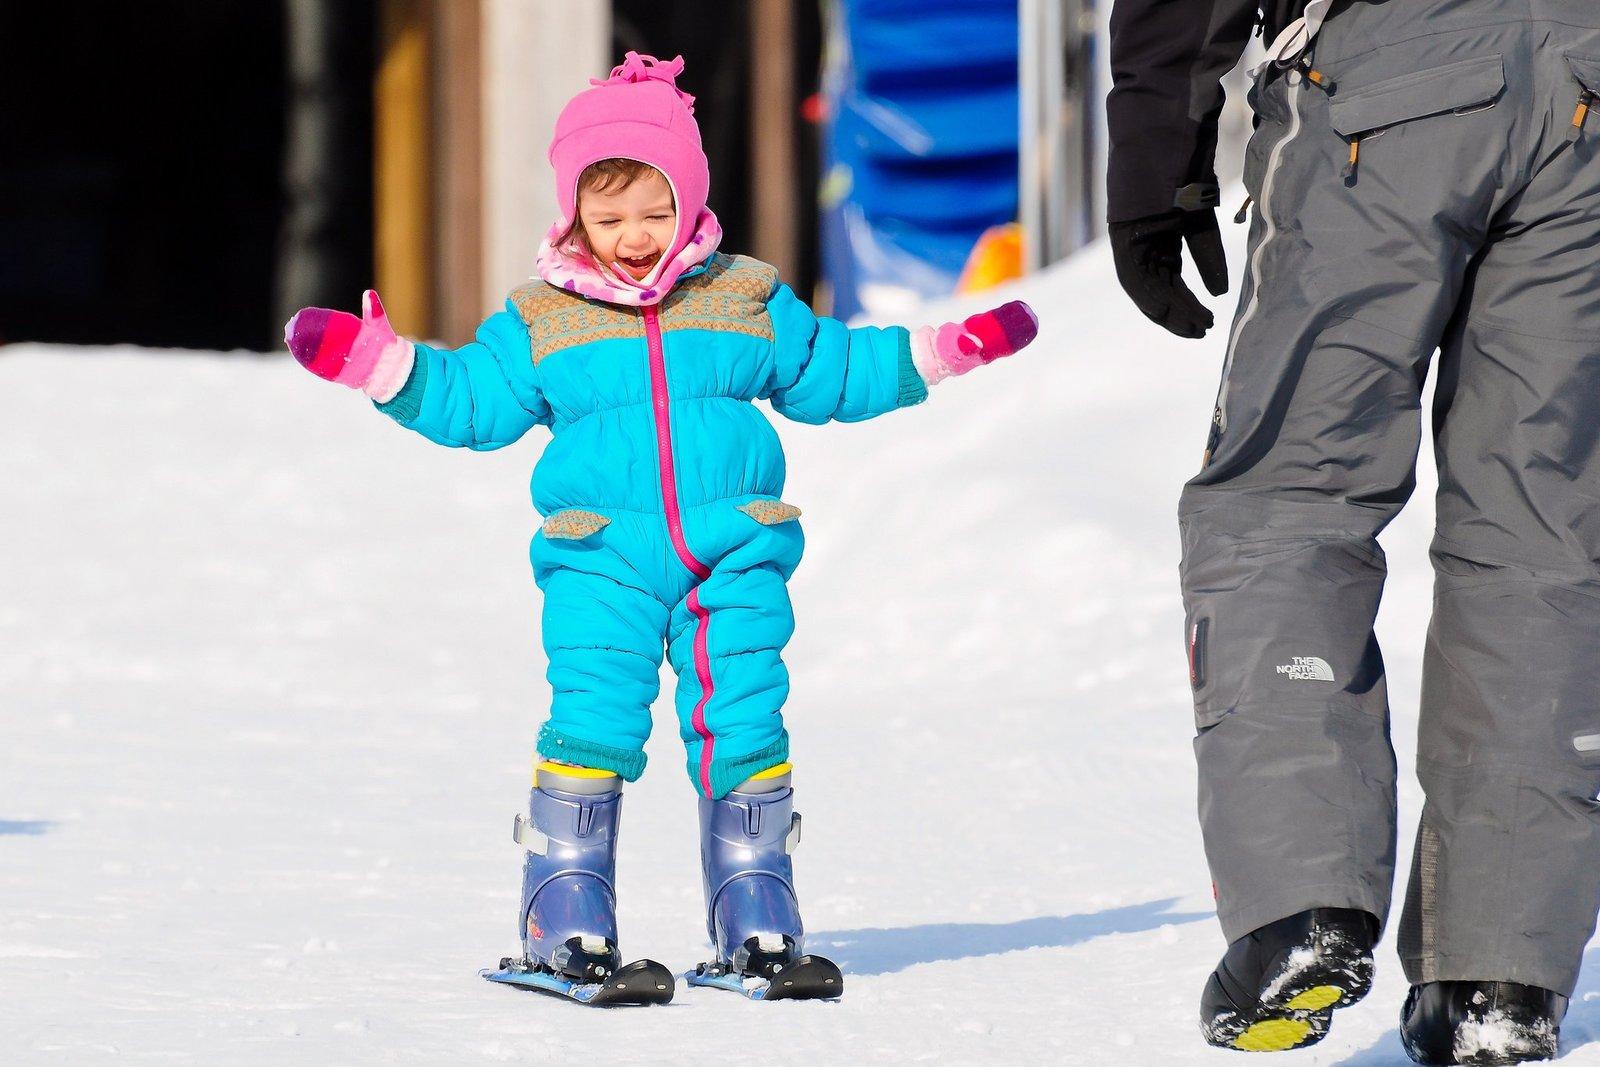 ニセコハナゾノリゾートでスキーに初挑戦する子供